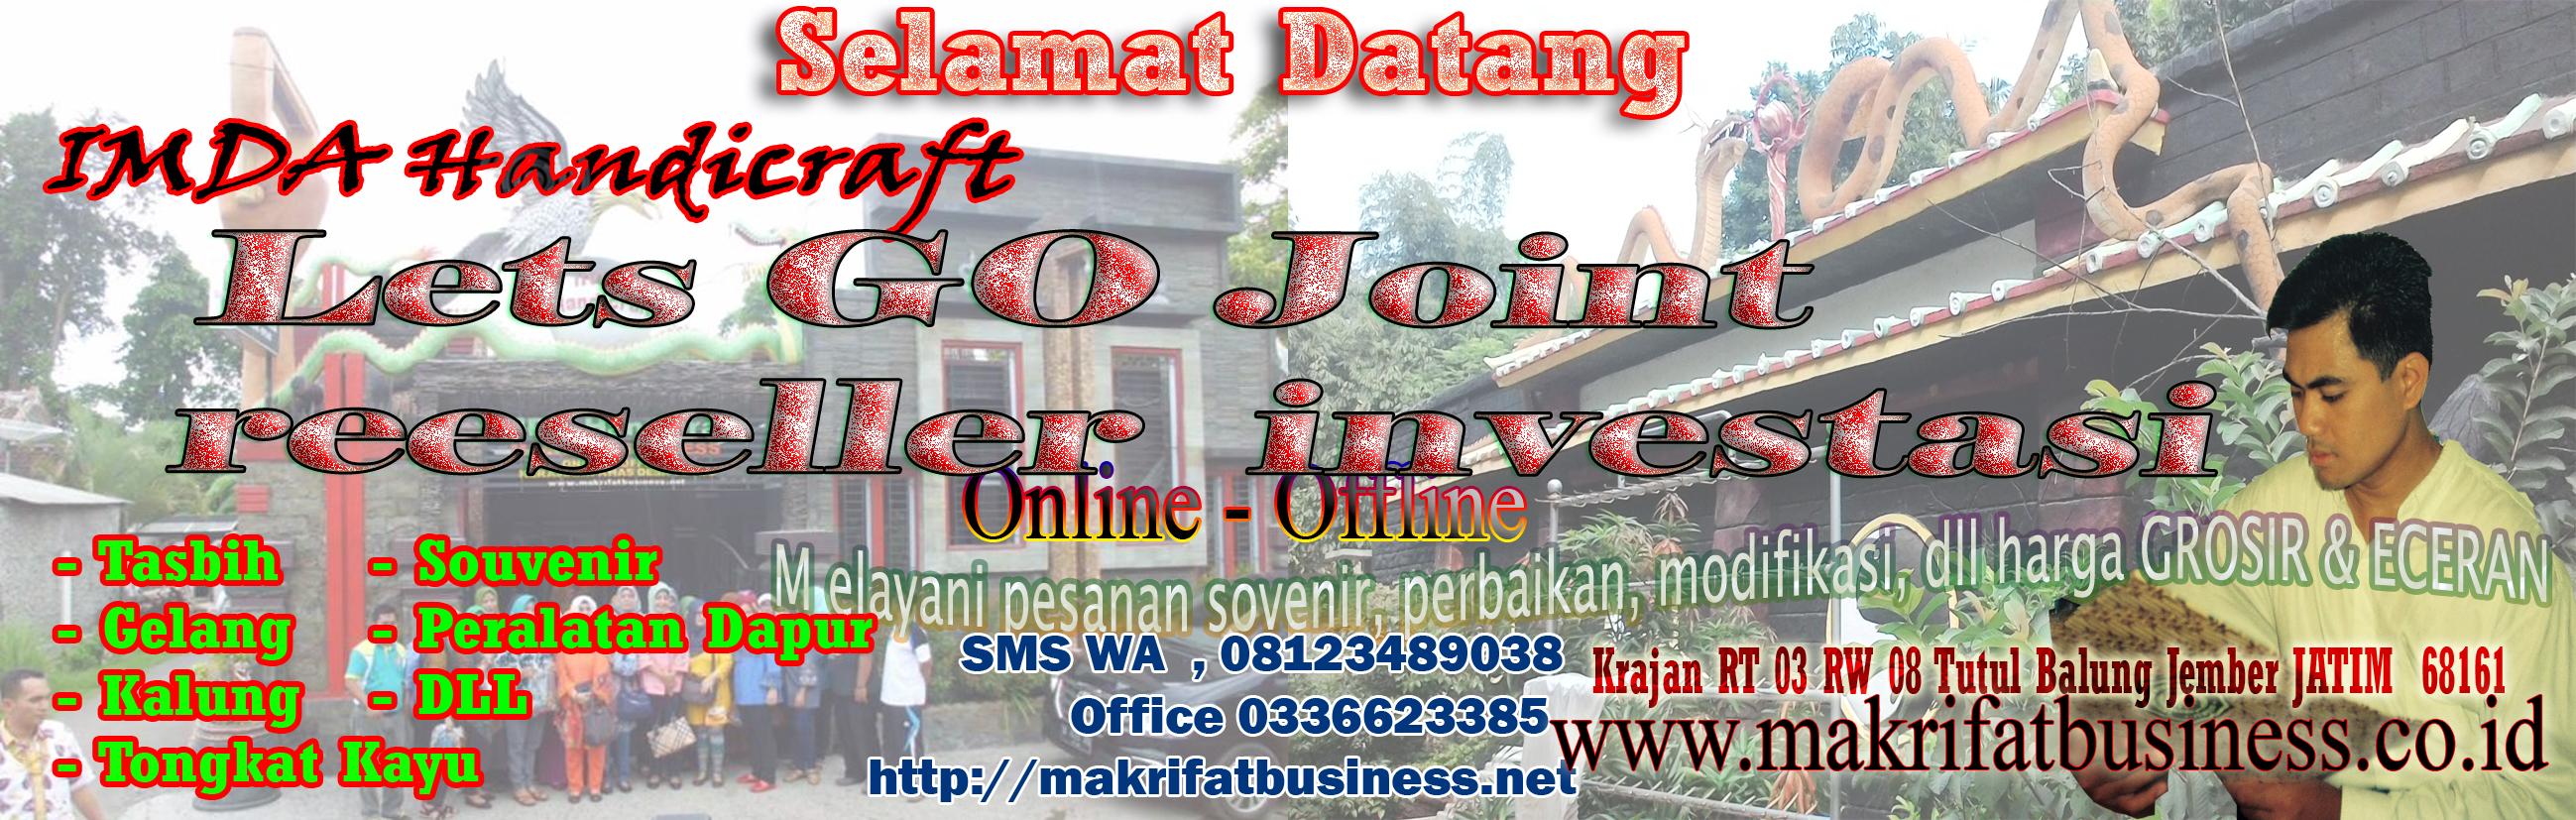 Banner_Mb_61.jpg